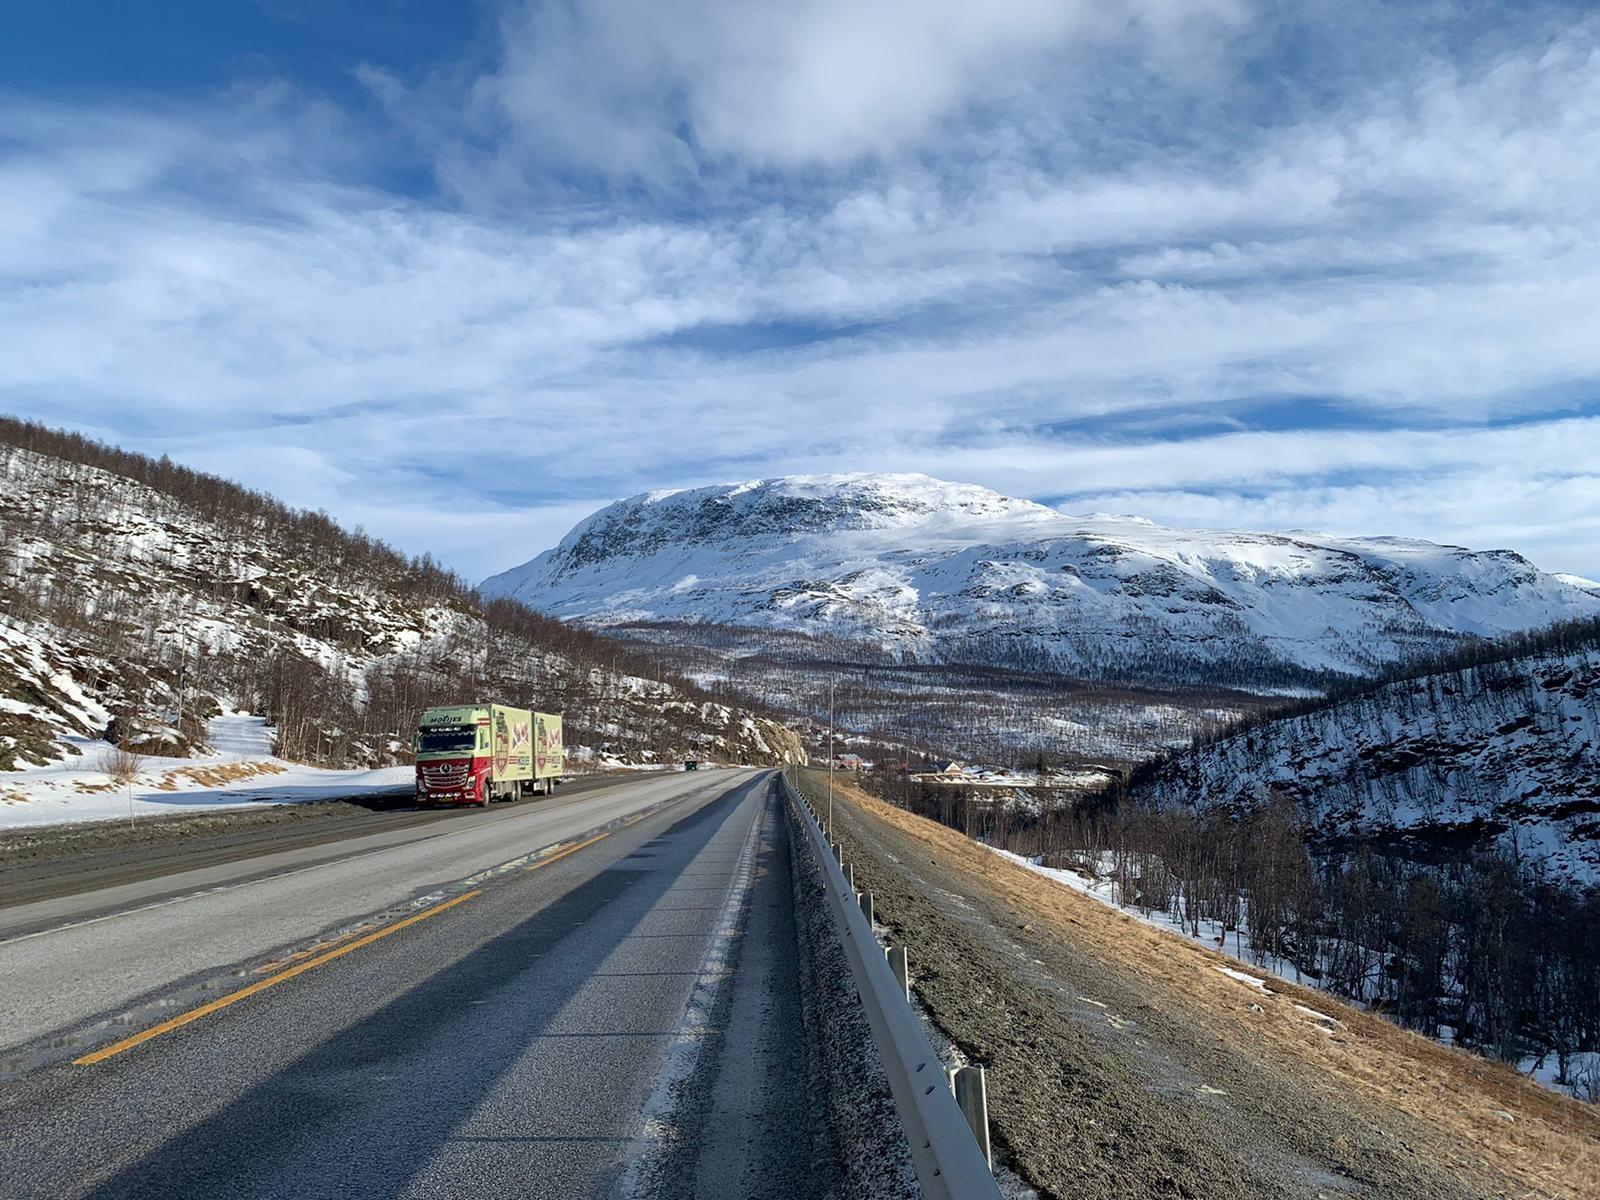 Danny-onderweg-naar-Bergen-in-Noowegen-23-3-2021--(3)